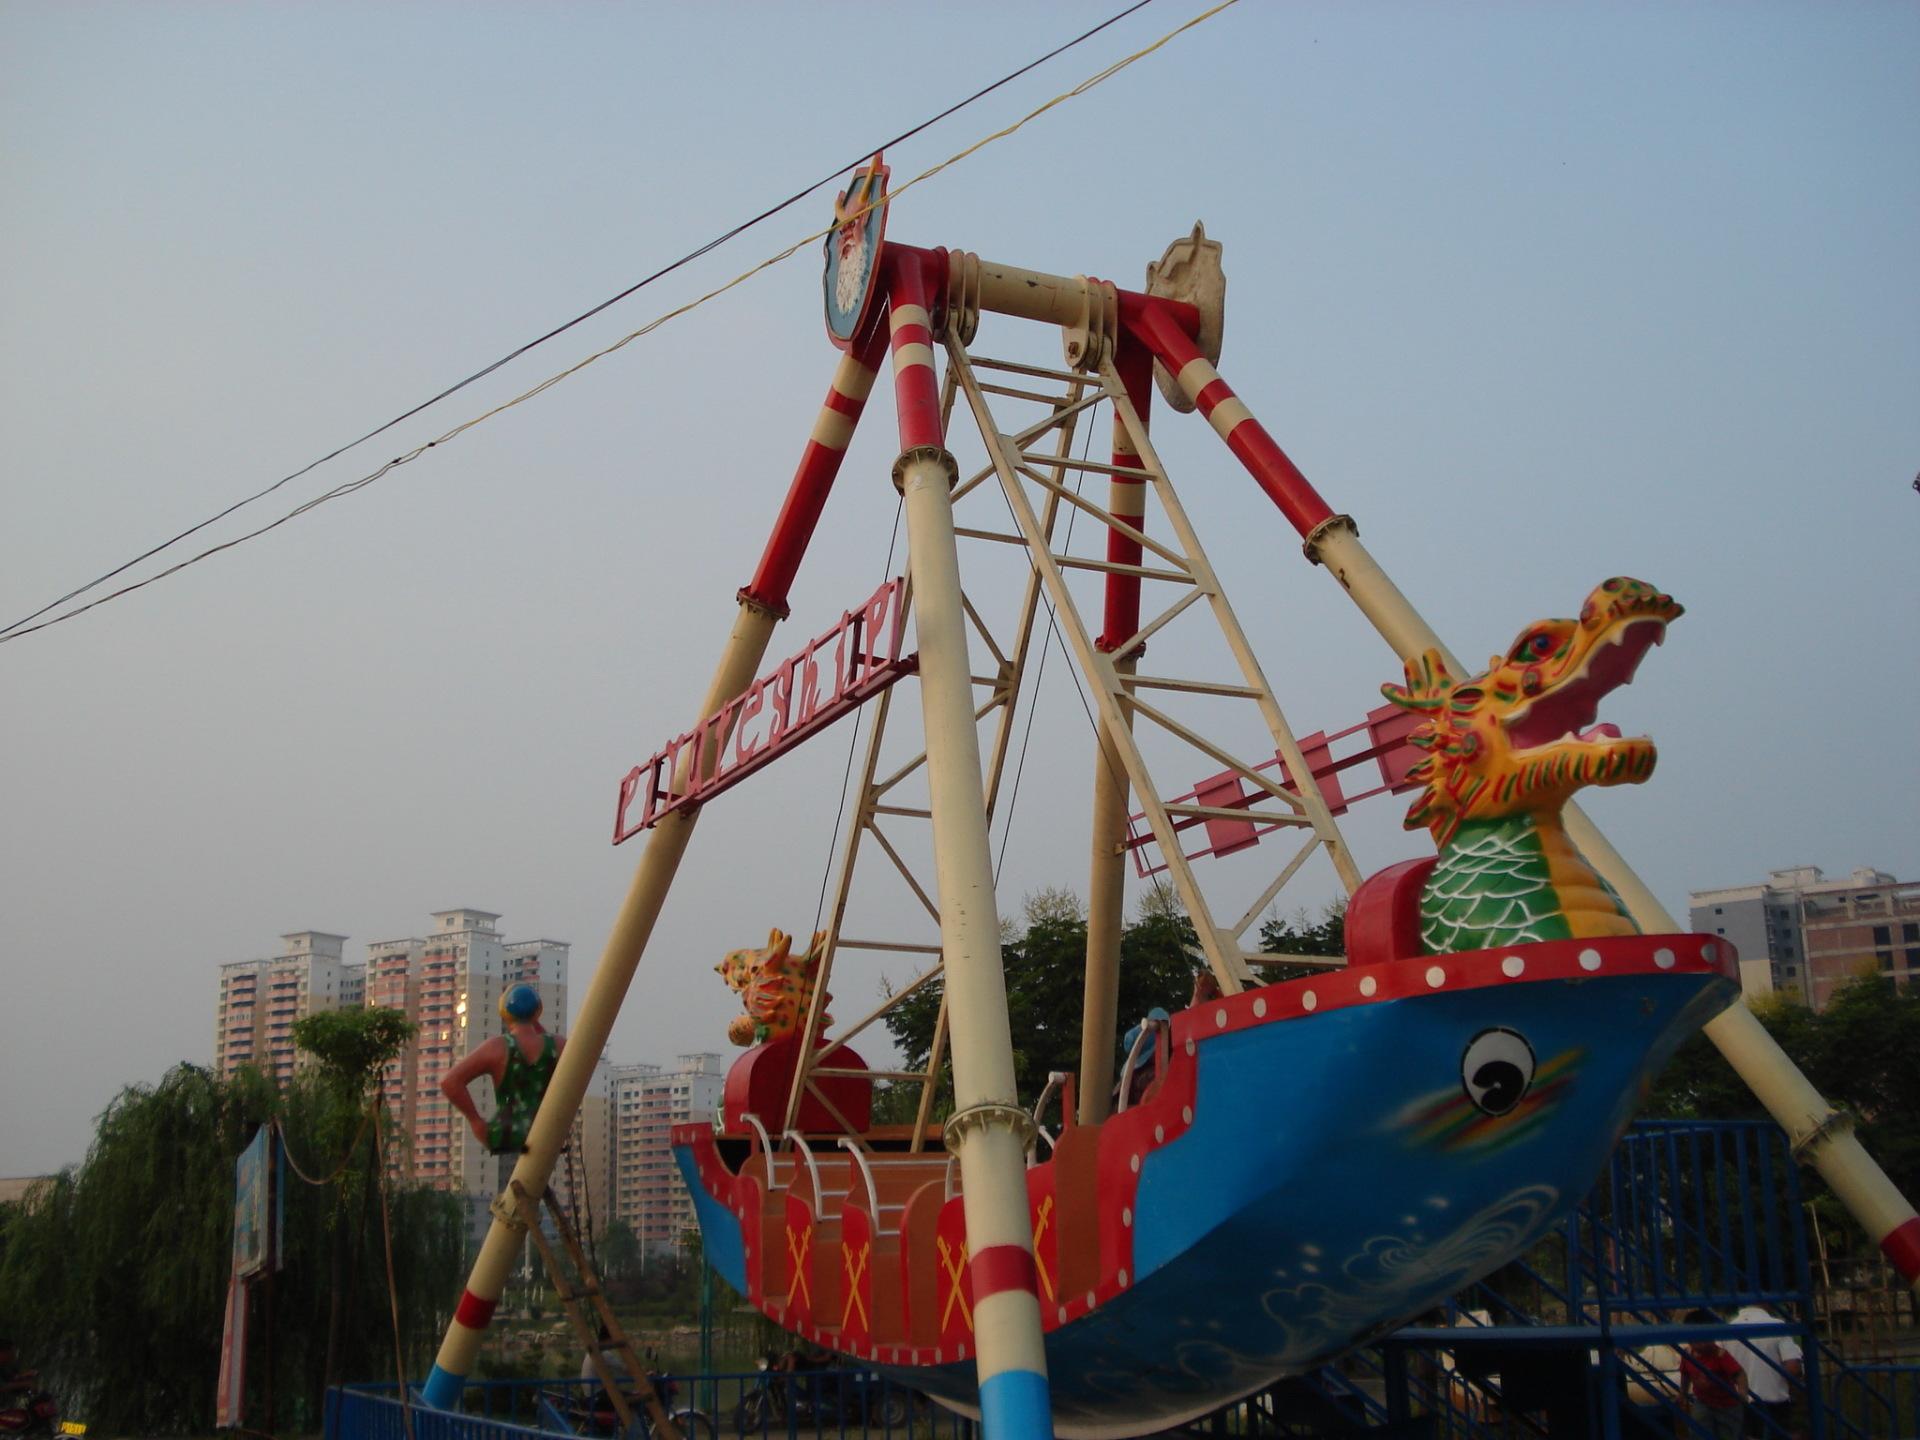 儿童游乐设备24座海盗船供应 郑州大洋大型游乐海盗船生产厂家示例图2